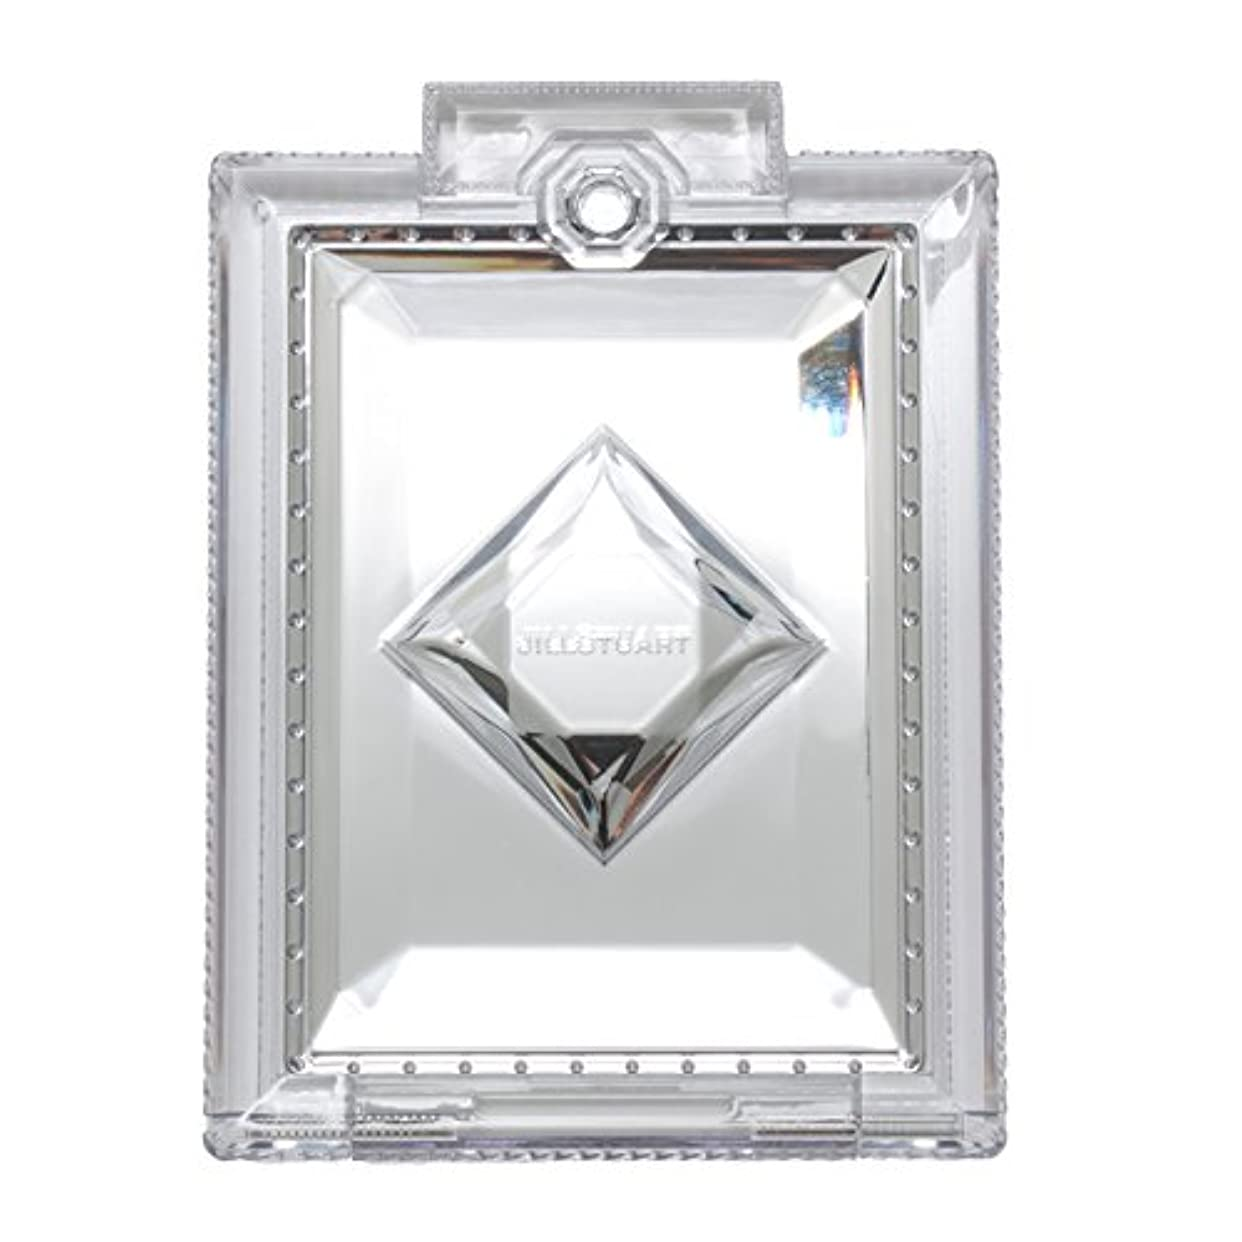 その後お祝いフロー【名入れ対応可】ジルスチュアート JILL STUART ミラー 鏡 手鏡 Compact Mirror 3 ジルスチュアート スクエア 四角 コンパクトミラー 3 ii 26869